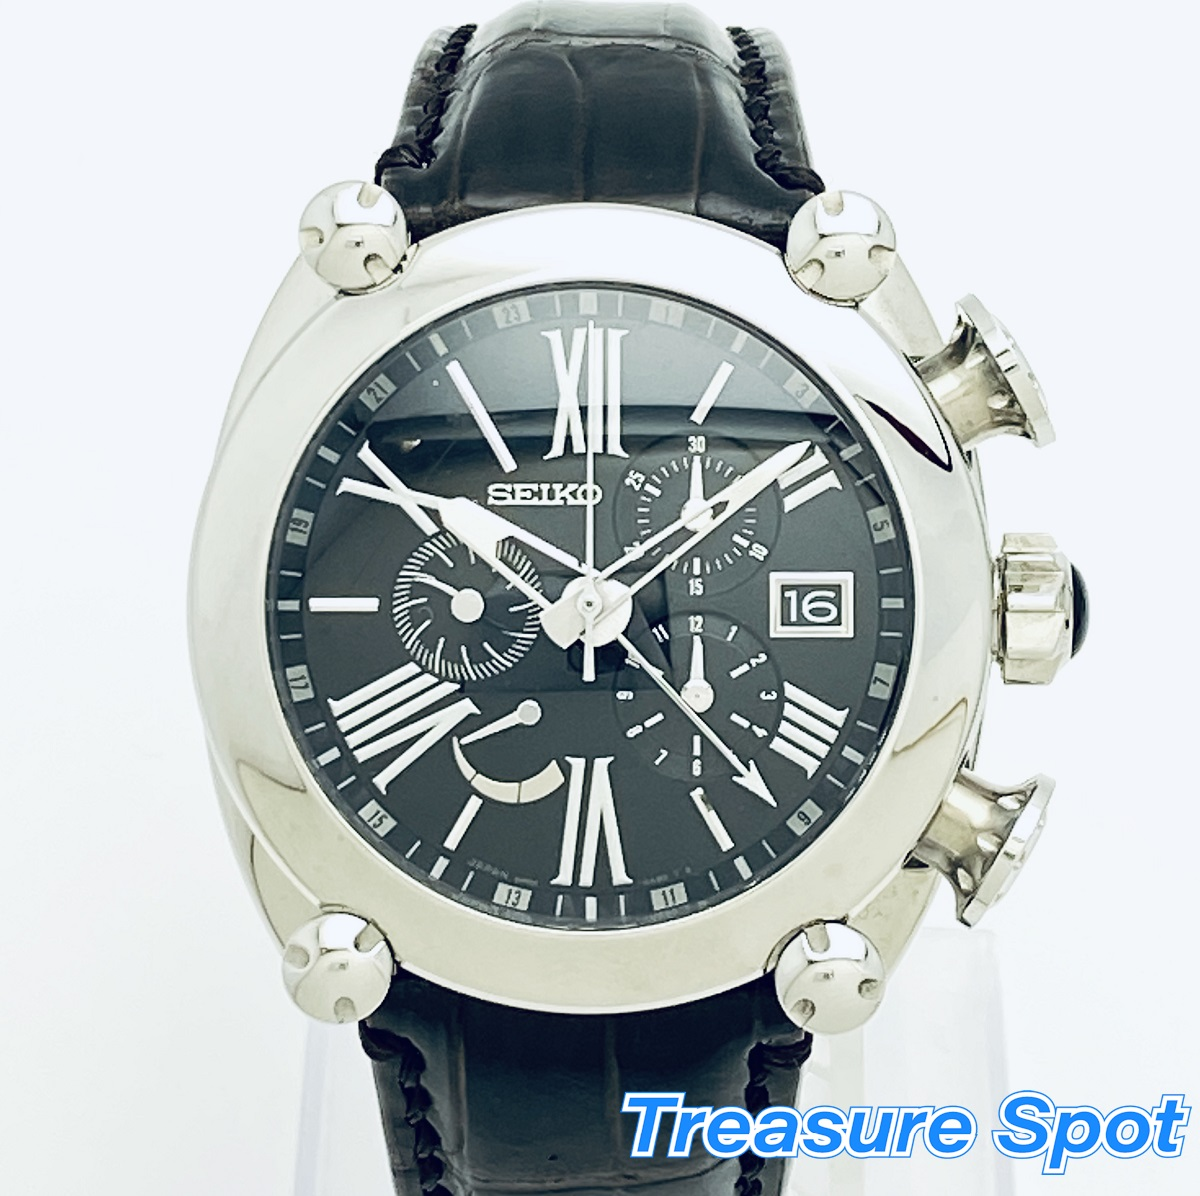 セイコー SEIKO ガランテ クロノグラフ スプリングドライブ SBLA049 メンズ 腕時計 送料無料 【トレジャースポット】【中古】